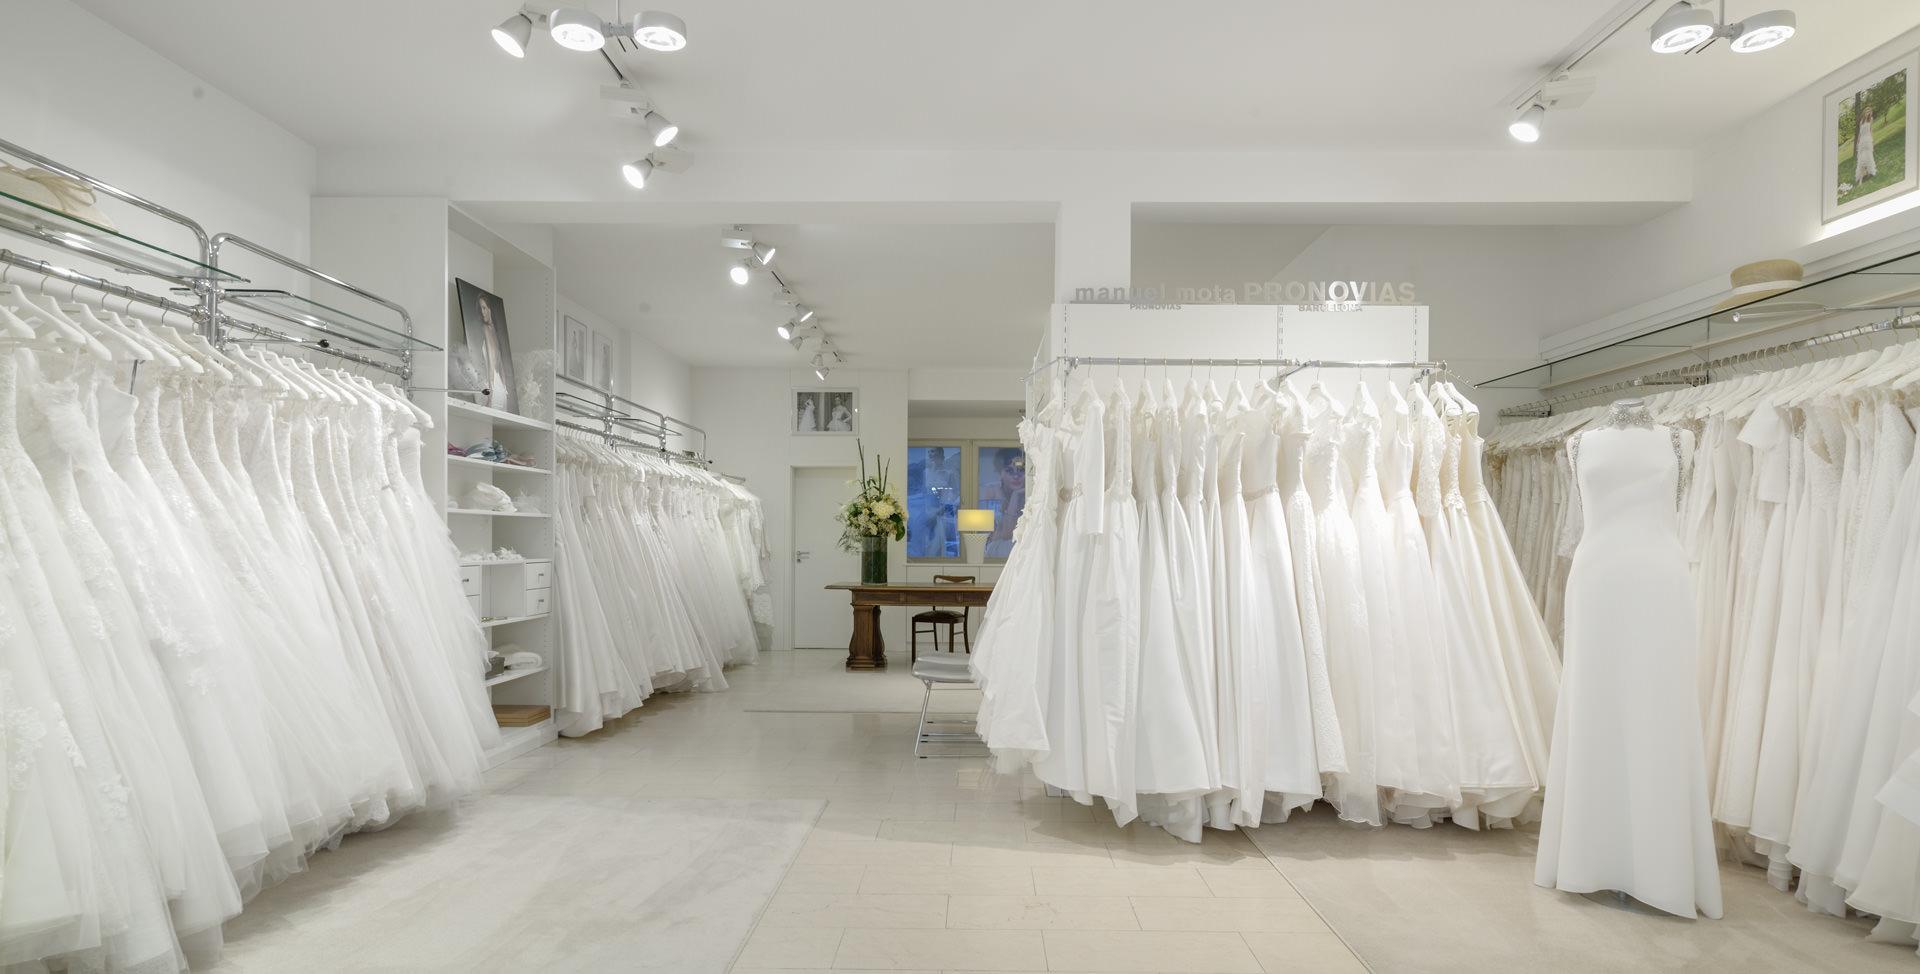 Brautgalerie Munchen Brautmode Geschaft Munchen Brautkleider